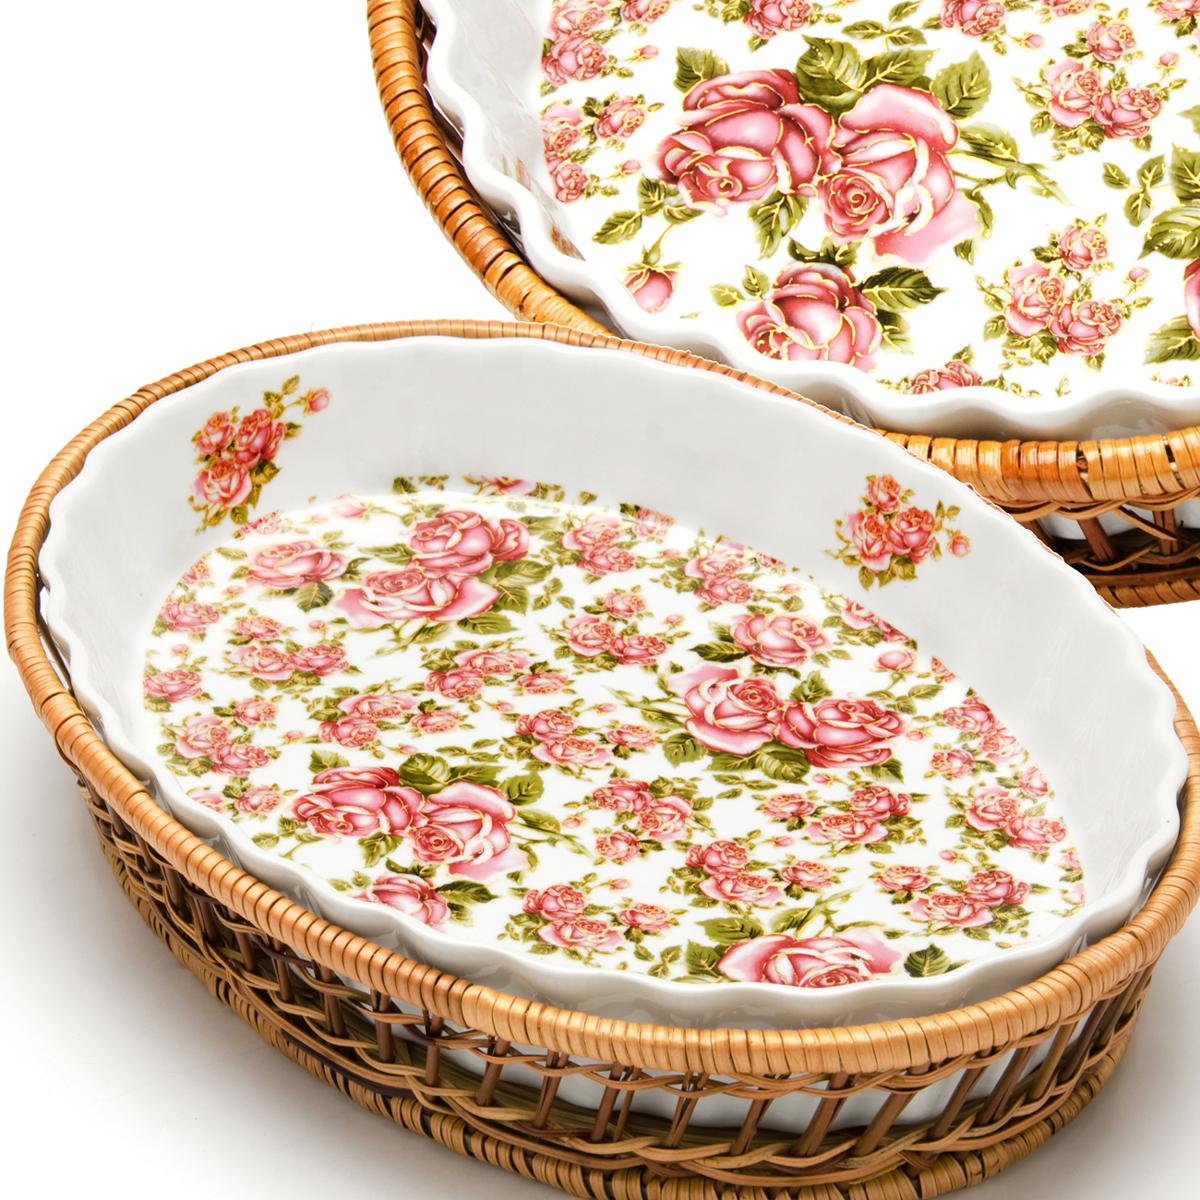 Овальная форма MAYER&BOCH выполнена из качественного фарфора белого цвета. Поверхность украшена изображением цветов. К форме прилагается плетеная корзинка из ротанга, выполняющая роль оригинальной подставки. Форма прекрасно подойдет для запекания овощей, мяса и других блюд, а благодаря своему оригинальному дизайну, она, несомненно, украсит ваш стол. Посуда не впитывает посторонние запахи, не имеет труднодоступных выступов или изгибов, которые накапливают грязь, и легко чистится. Фарфор выдерживает высокие перепады температуры, поэтому такую форму можно использовать в духовке, микроволновой печи, а также для хранения пищи в холодильнике. Подходит для мытья в посудомоечной машине. В комплекте: 1 форма, 1 плетеная корзинка.